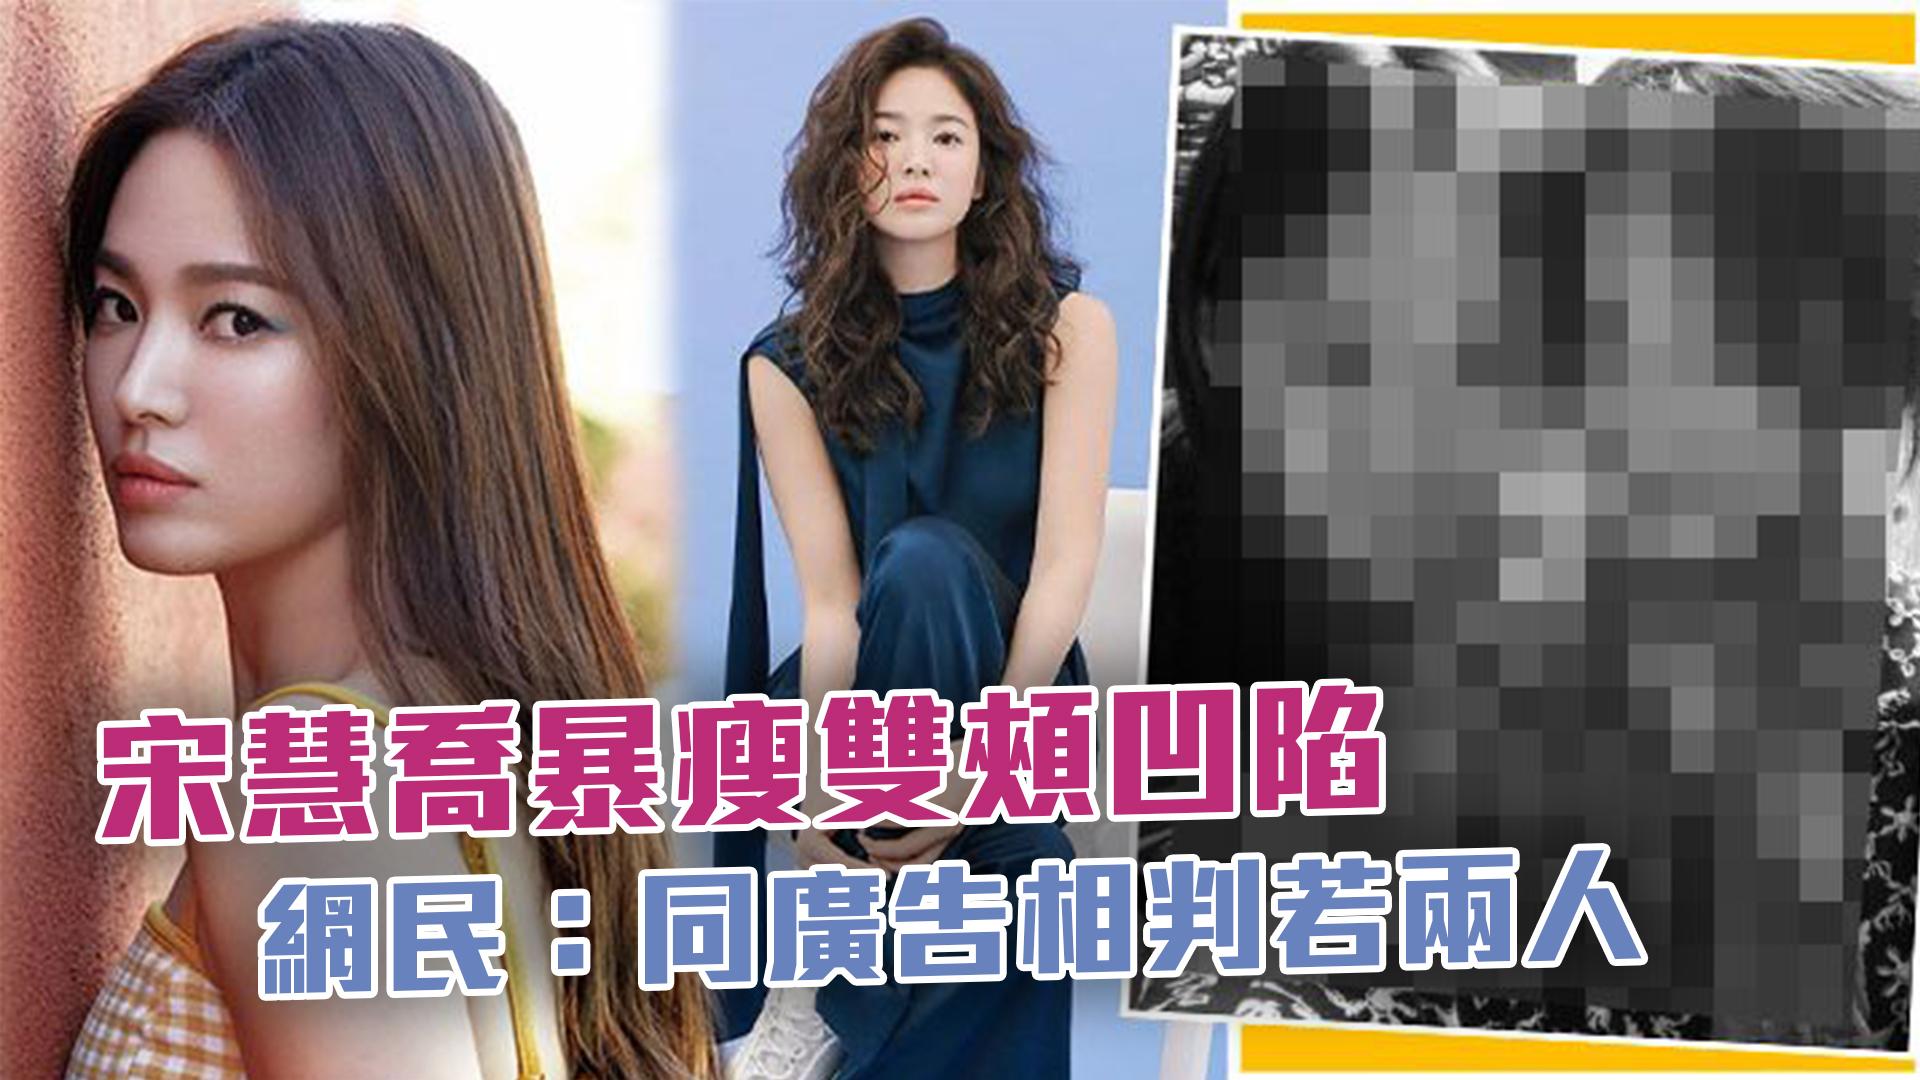 宋慧喬暴瘦雙頰凹陷 網民:同廣告相判若兩人